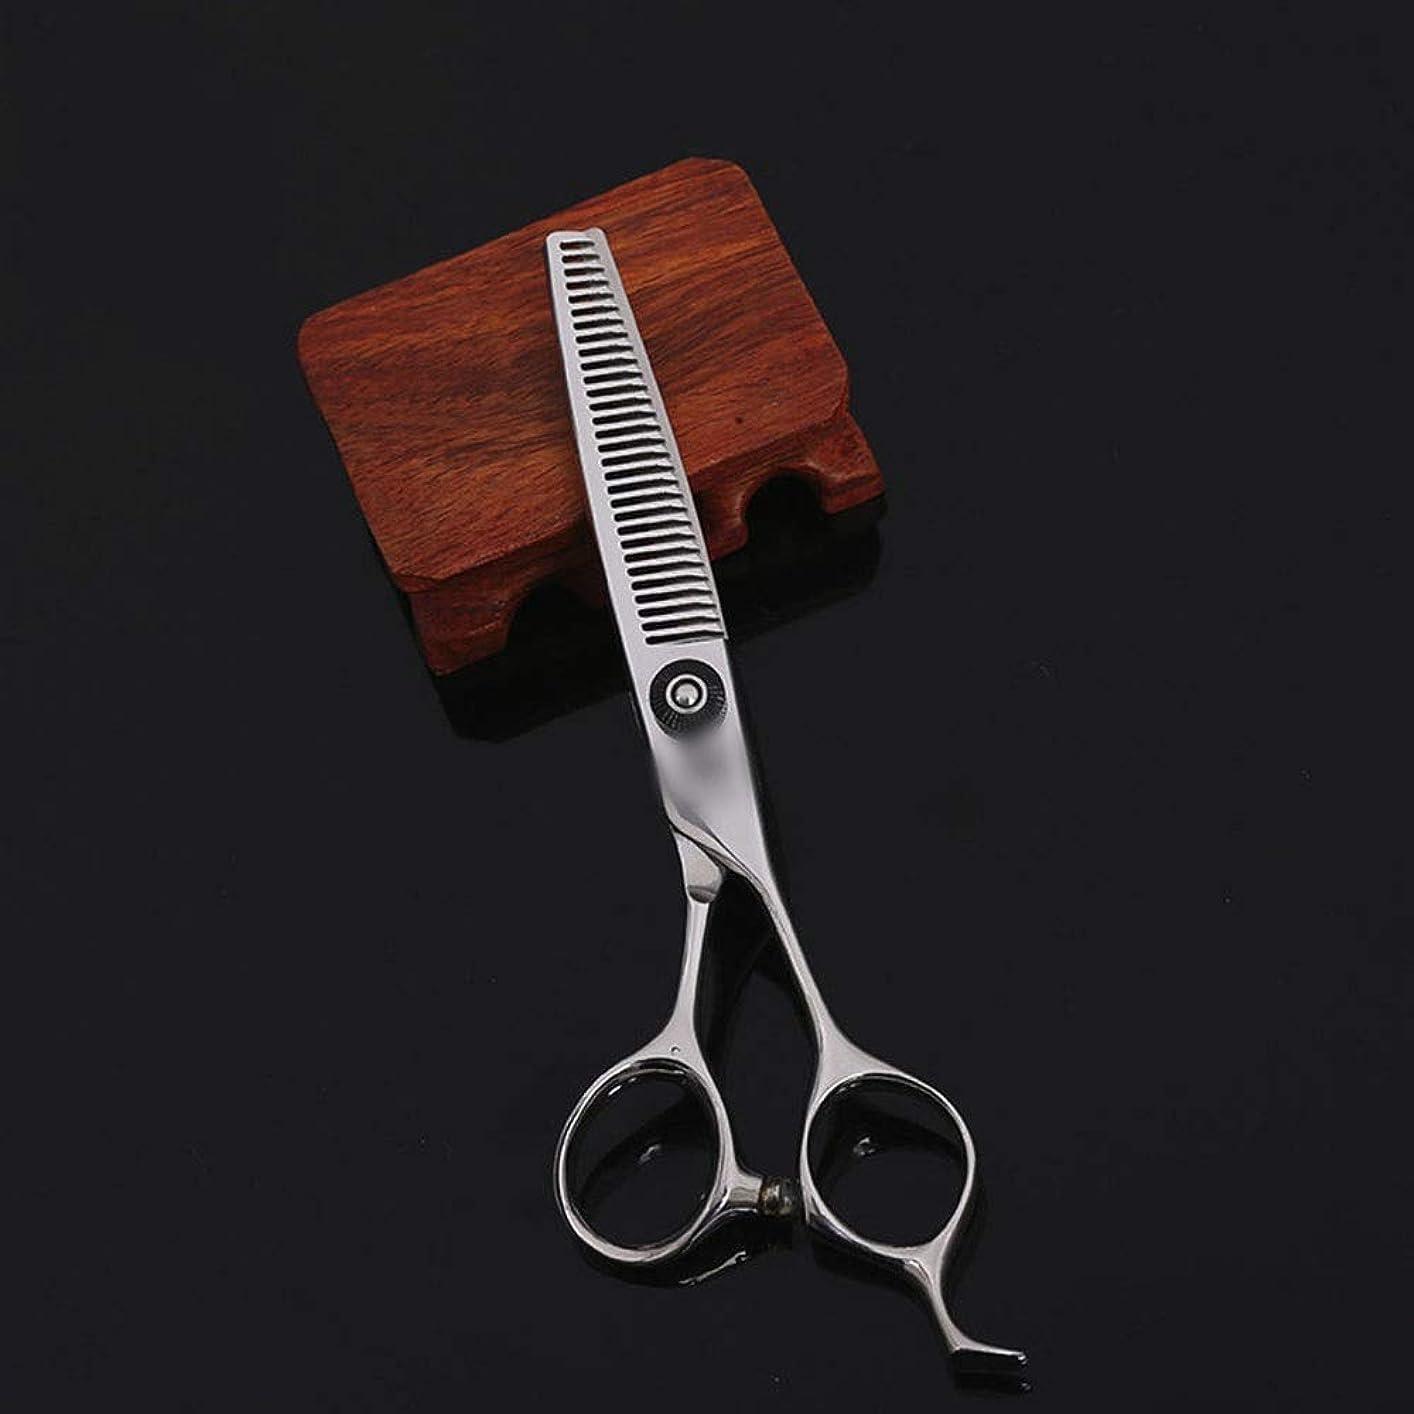 出発音声エキゾチック6インチフラットカット理髪師特別ハイエンドプロフェッショナルステンレス鋼理髪ハイエンドはさみ モデリングツール (色 : Silver)